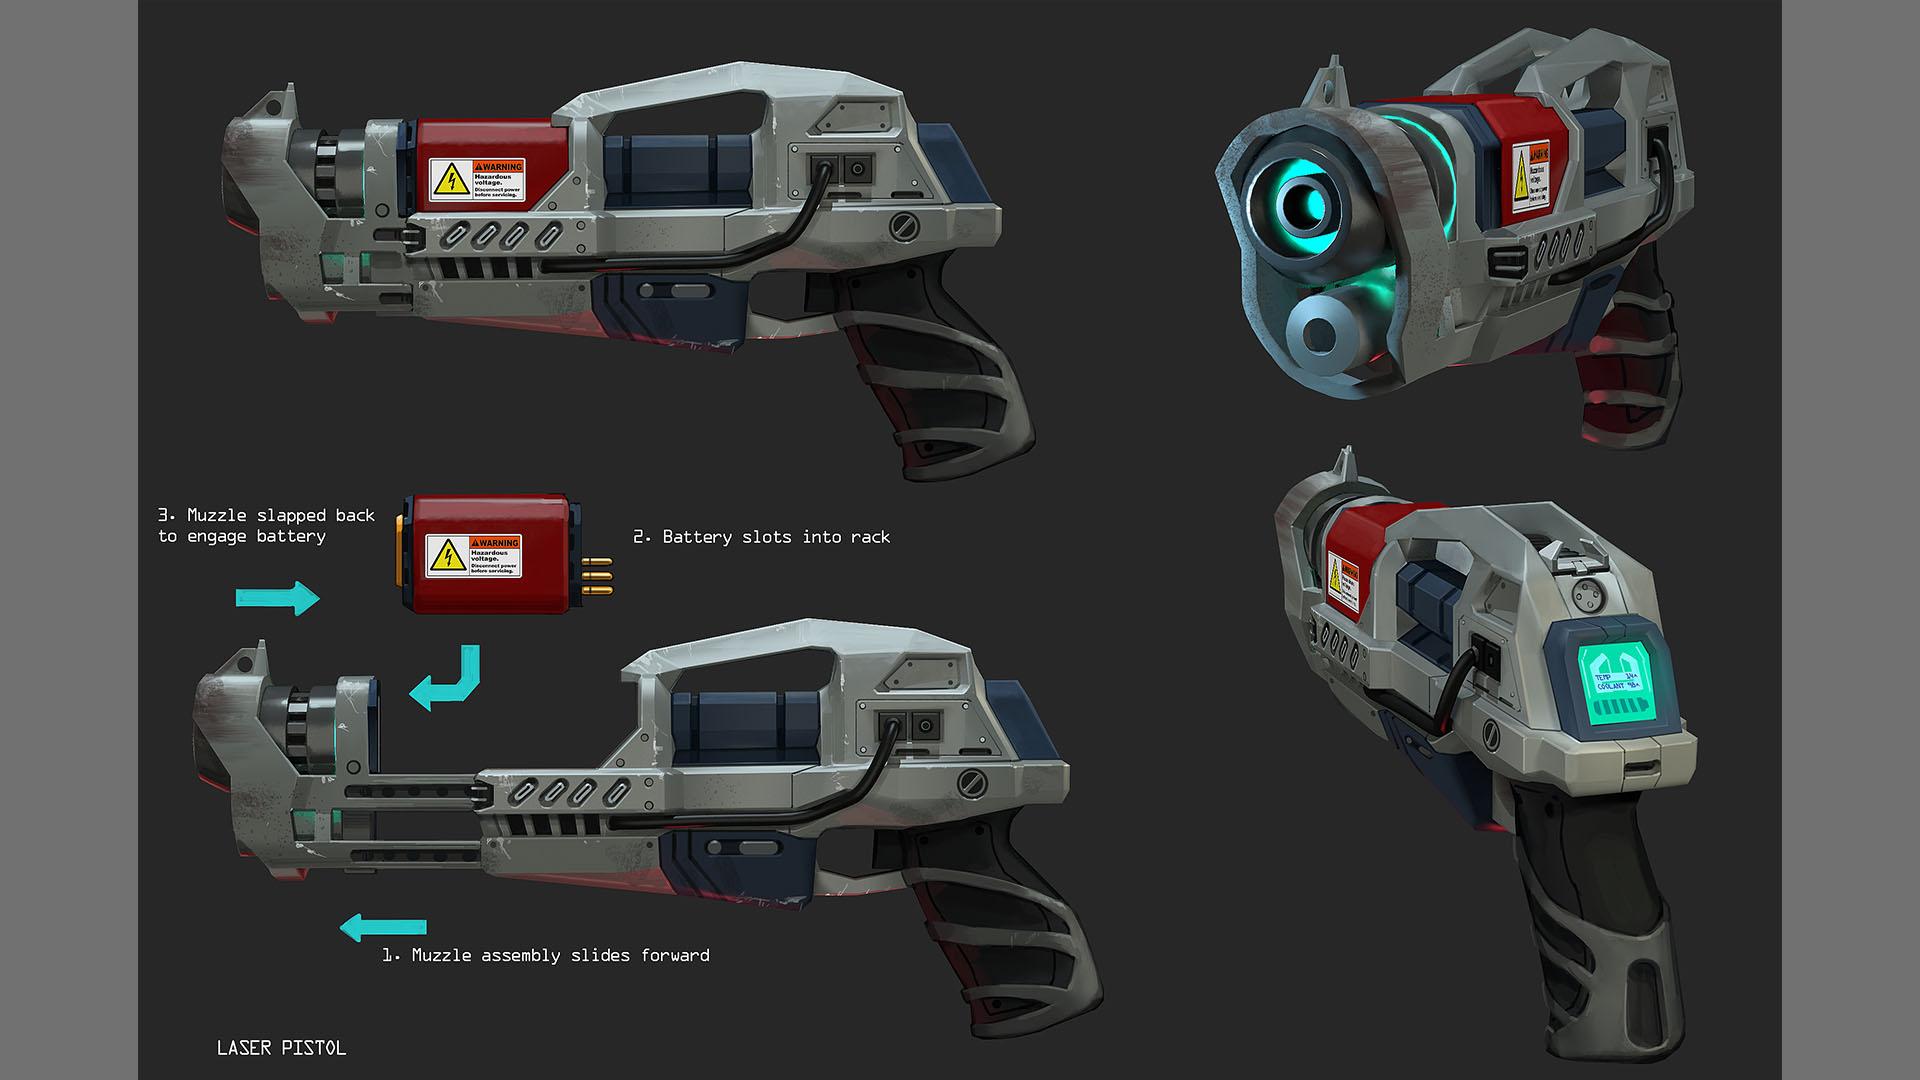 Laser pistol2 1